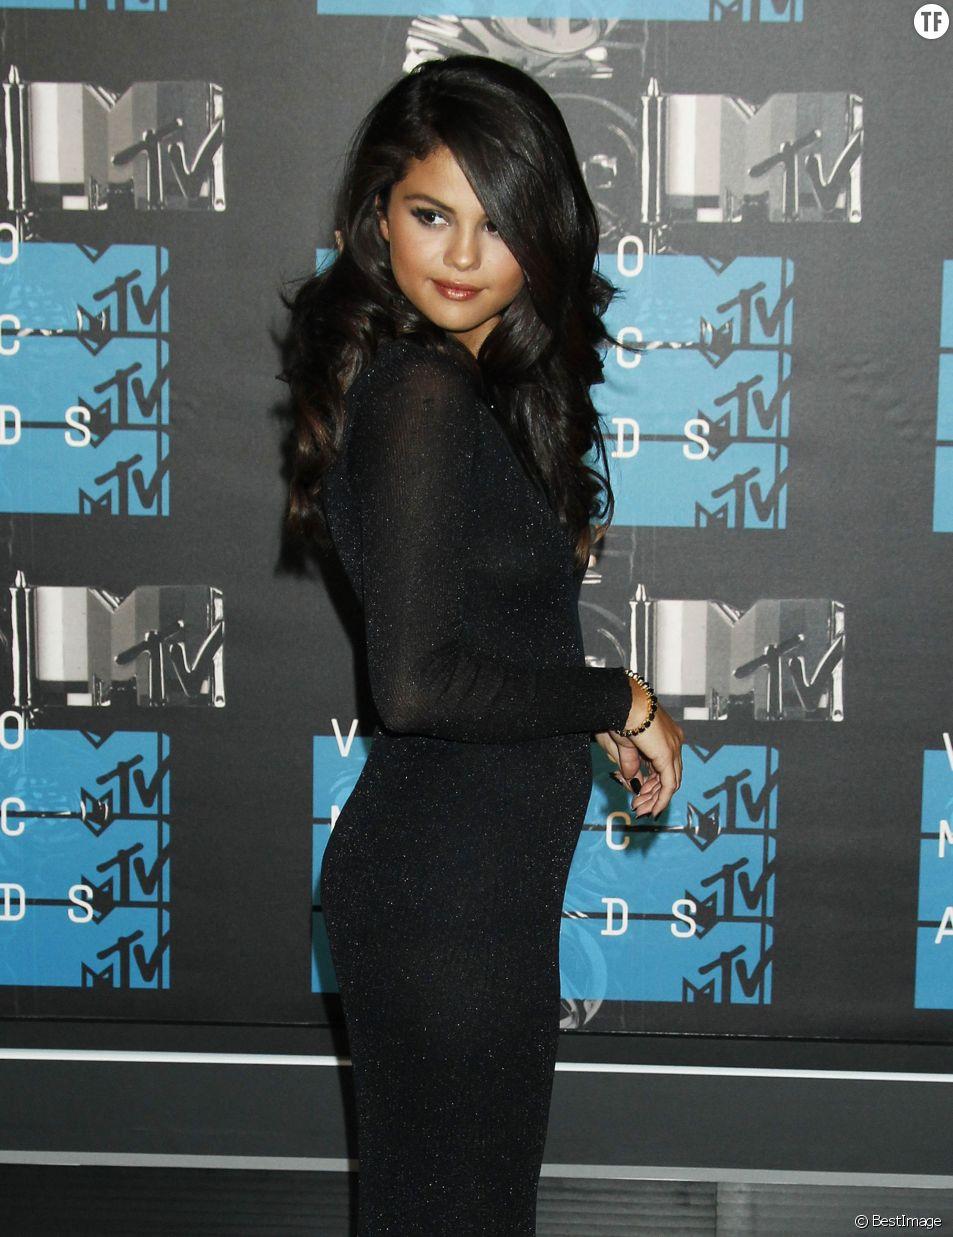 Selena Gomez - Soirée des MTV Video Music Awards à Los Angeles le 30 aout 2015.